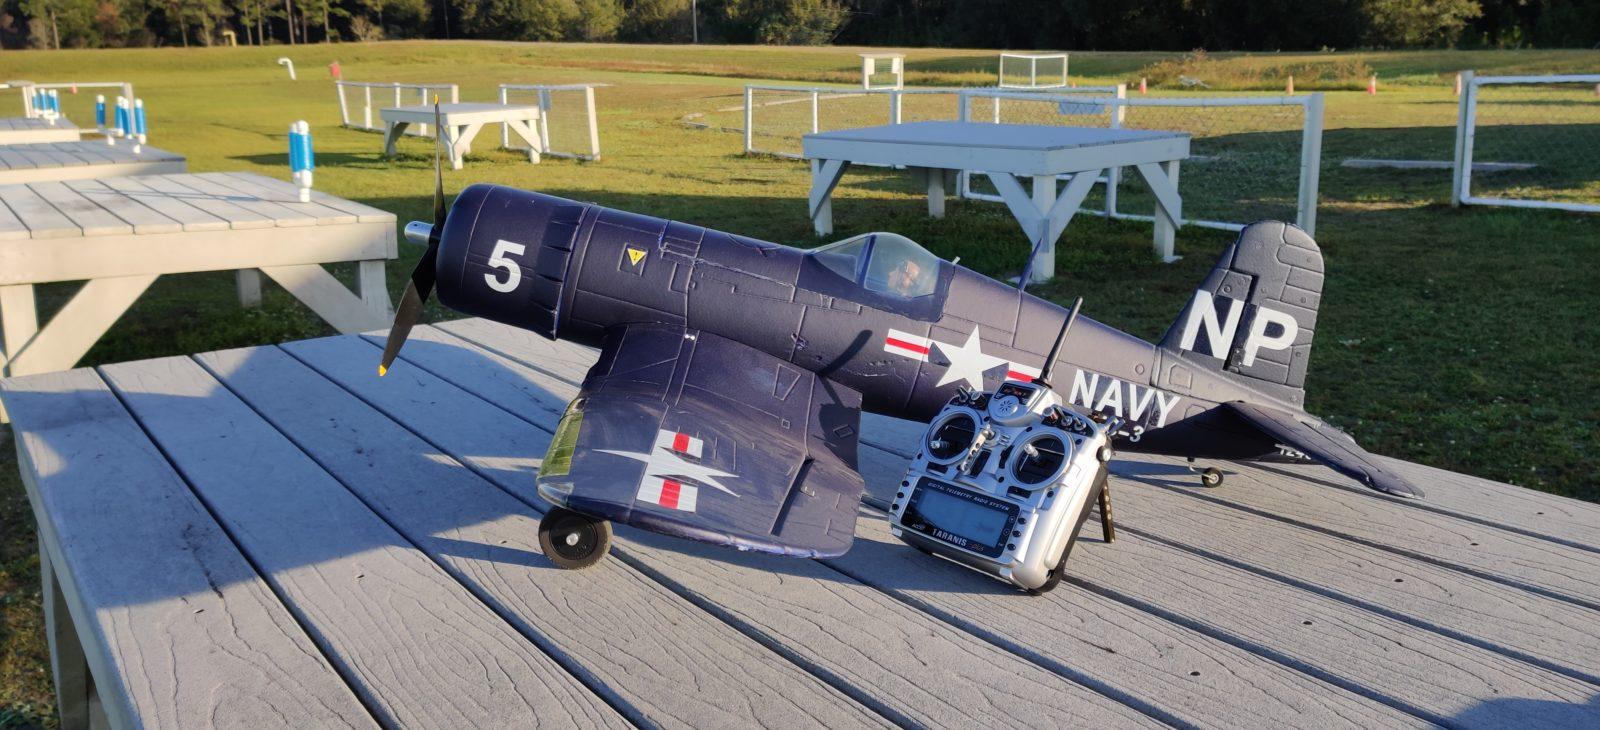 Dynam F4U Corsair